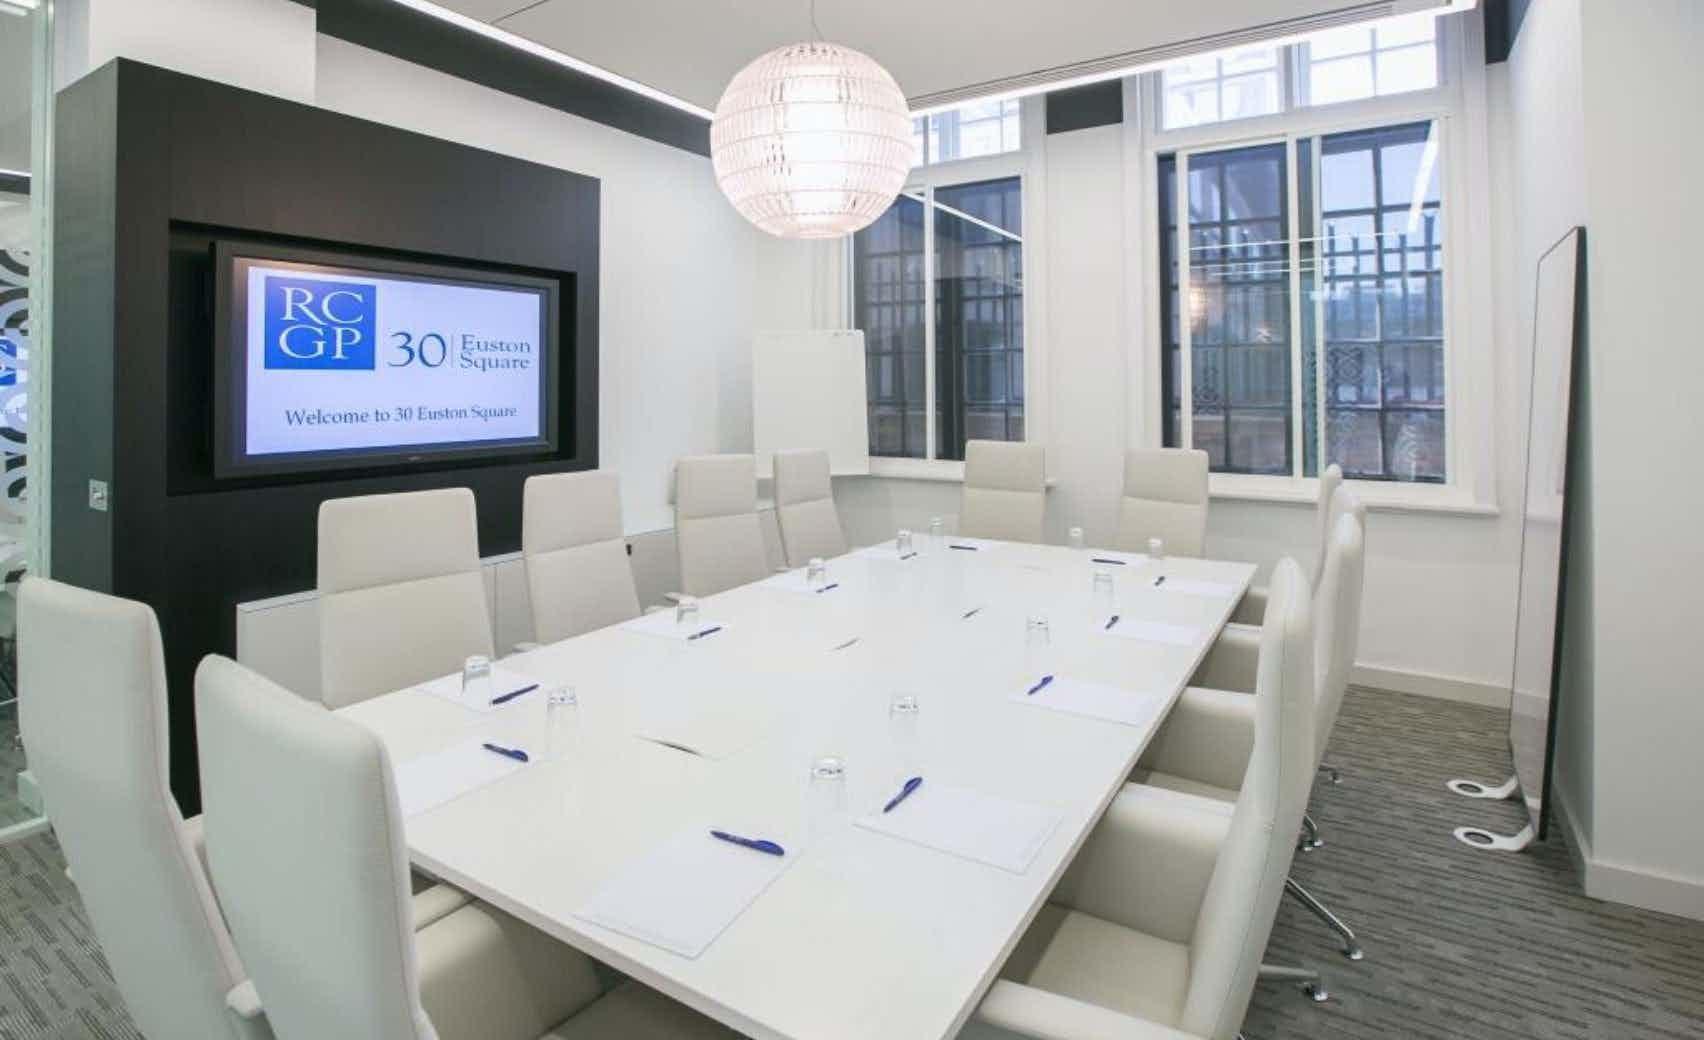 Ground Floor Meeting Room 7, 30 Euston Square